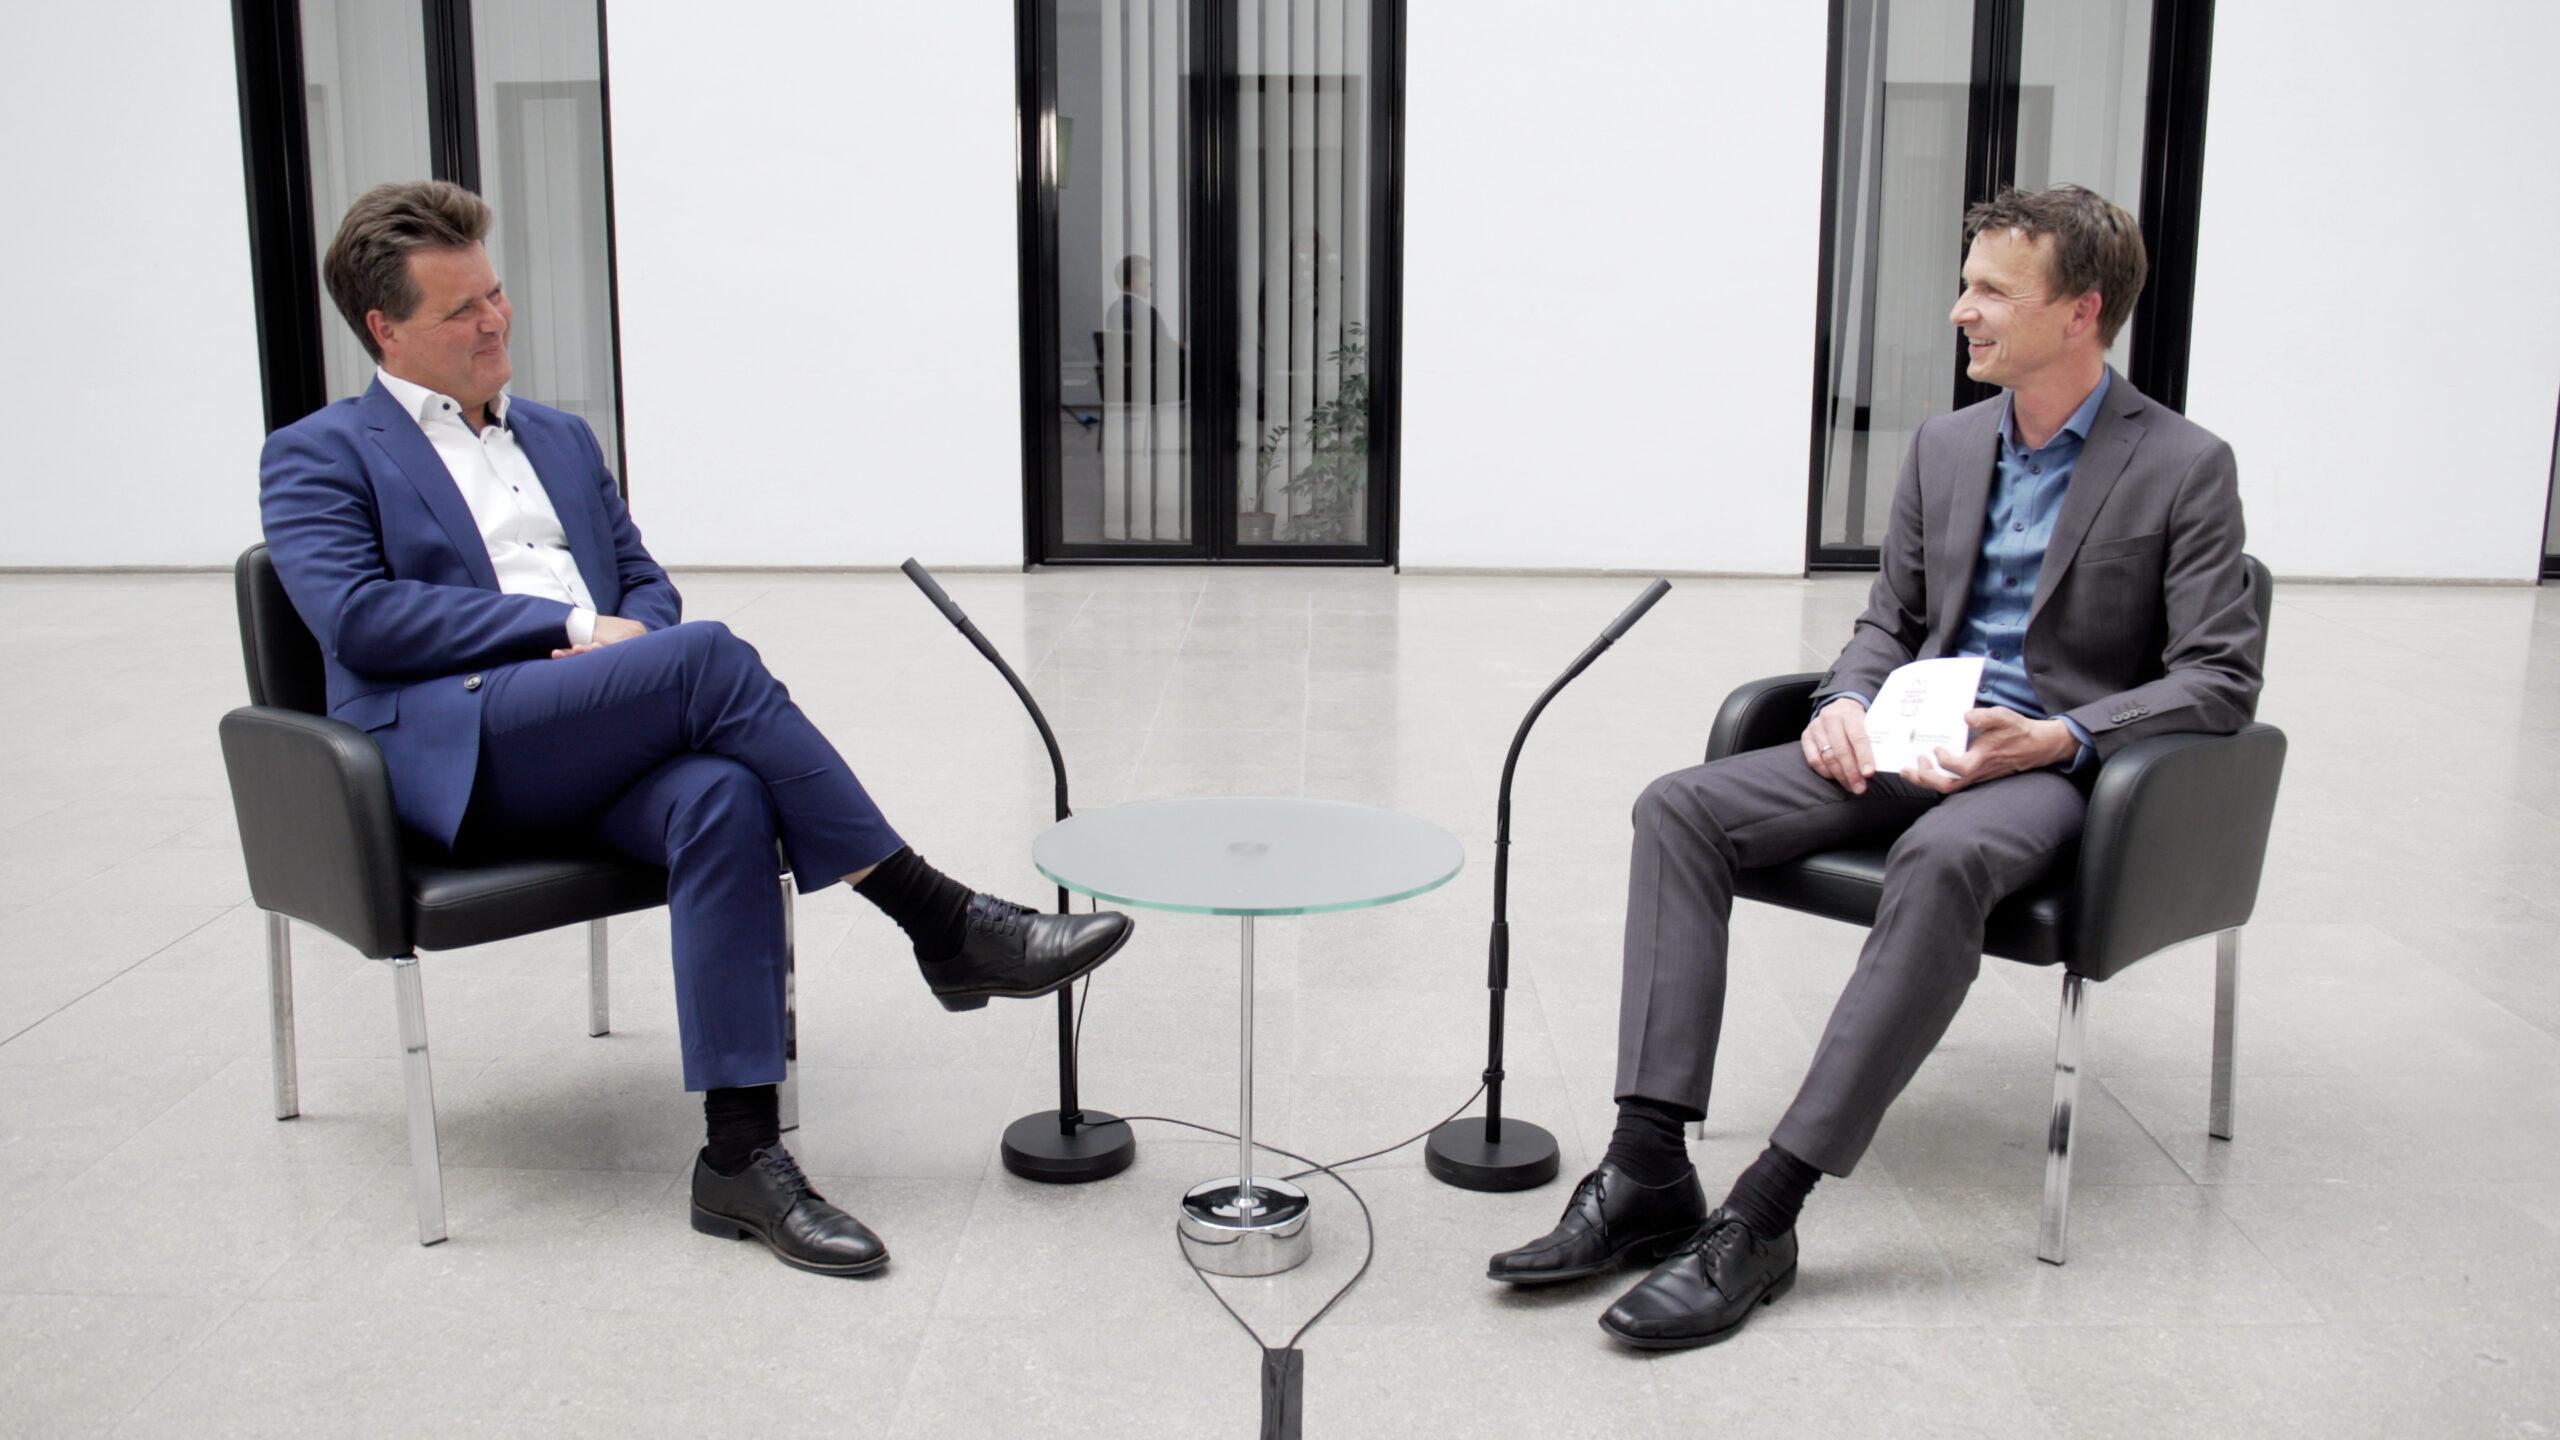 Der Bundesbehindertenbeauftragte Jürgen Dusel im Gespräch mit dem Geschäftsführer der Gold-Kraemer-Stiftung